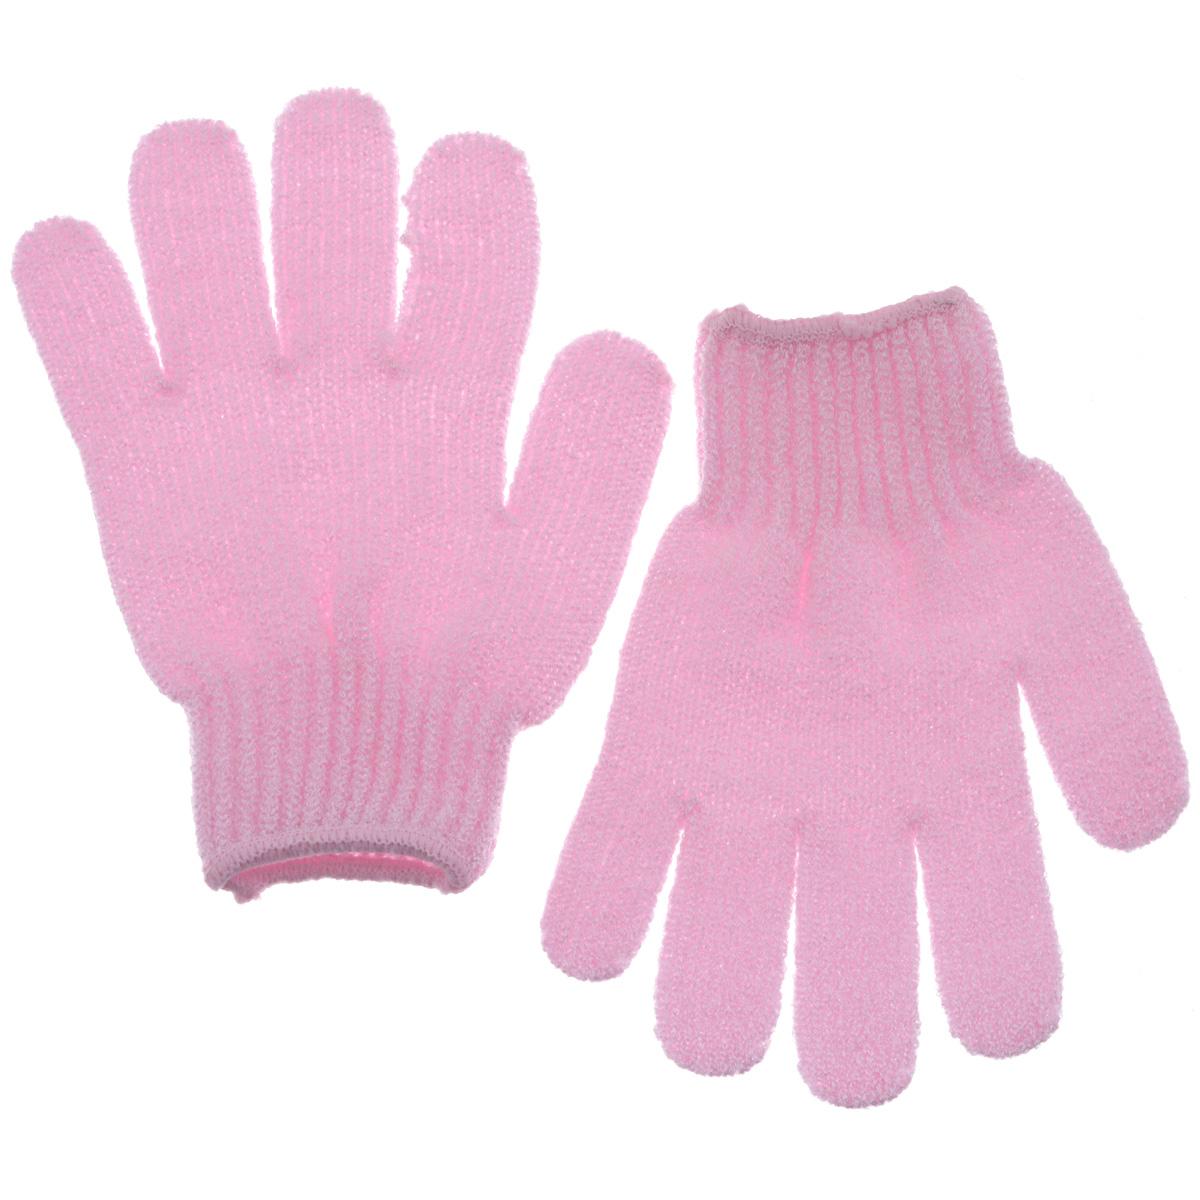 Riffi Перчатки для пилинга, цвет: розовый615_розовыйЭластичные безразмерные перчатки Riffi обладают активным антицеллюлитным эффектом и отличным пилинговым действием, тонизируя, массируя и эффективно очищая вашу кожу. Riffi освобождает кожу от отмерших клеток, стимулирует регенерацию. Эффективно предупреждают образование целлюлита и обеспечивают омолаживающий эффект. Кожа становится гладкой, упругой и лучше готовой к принятию косметических средств. Интенсивный и пощипывающе свежий массаж тела с применением Riffi стимулирует кровообращение, активирует кровоснабжение, способствует обмену веществ. В комплекте 1 пара перчаток. Характеристики:Материал: 100% полиакрил. Размер перчатки (в нерастянутом виде): 17,5 см x 12,5 см. Артикул:615.